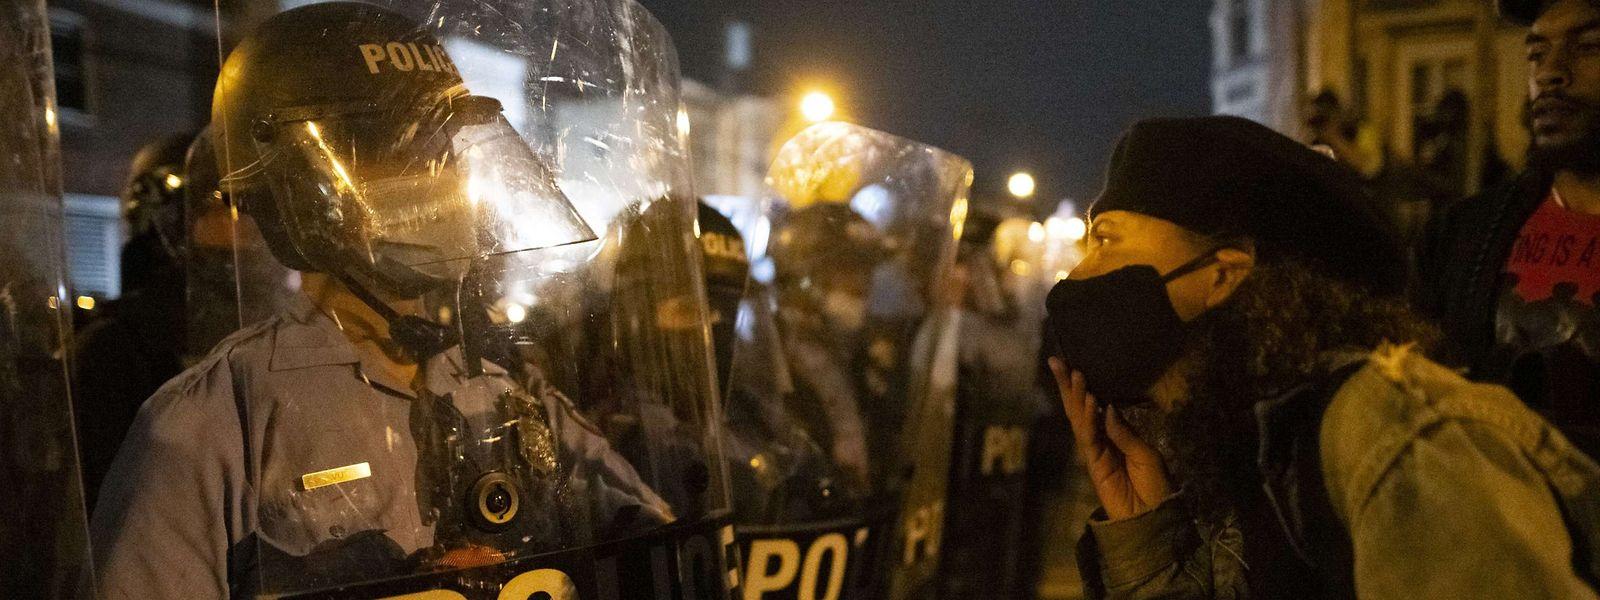 Polizisten stellen in der Nähe des Ortes, an dem ein Afroamerikaner am Montag durch Polizeigewalt sein Leben verlor, eine Blockade auf.